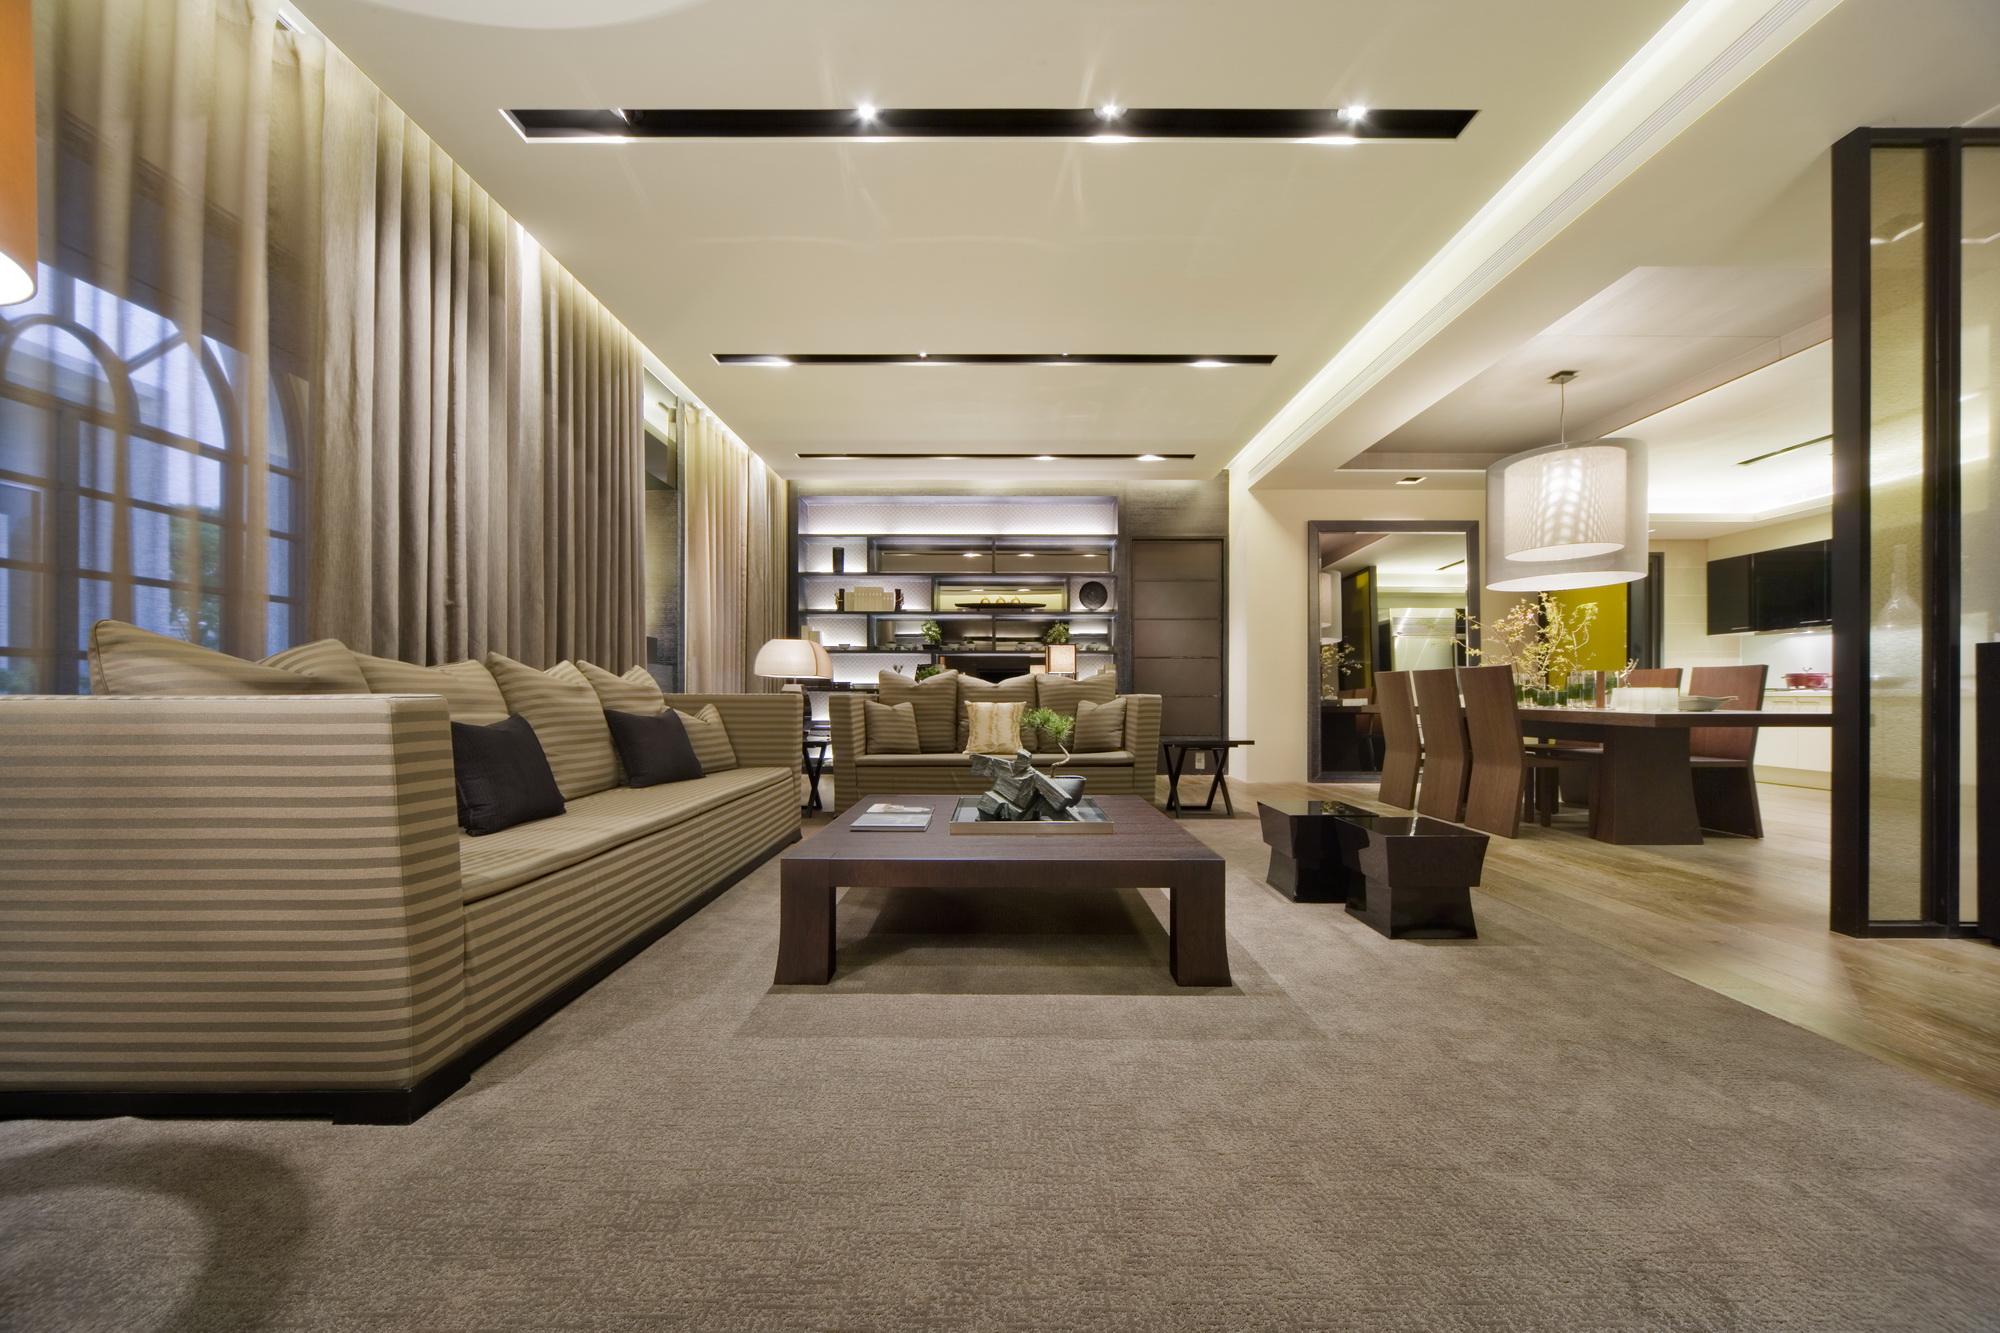 客厅图片来自广州九艺(三星)装饰设计在一品苑洪小姐雅居的分享